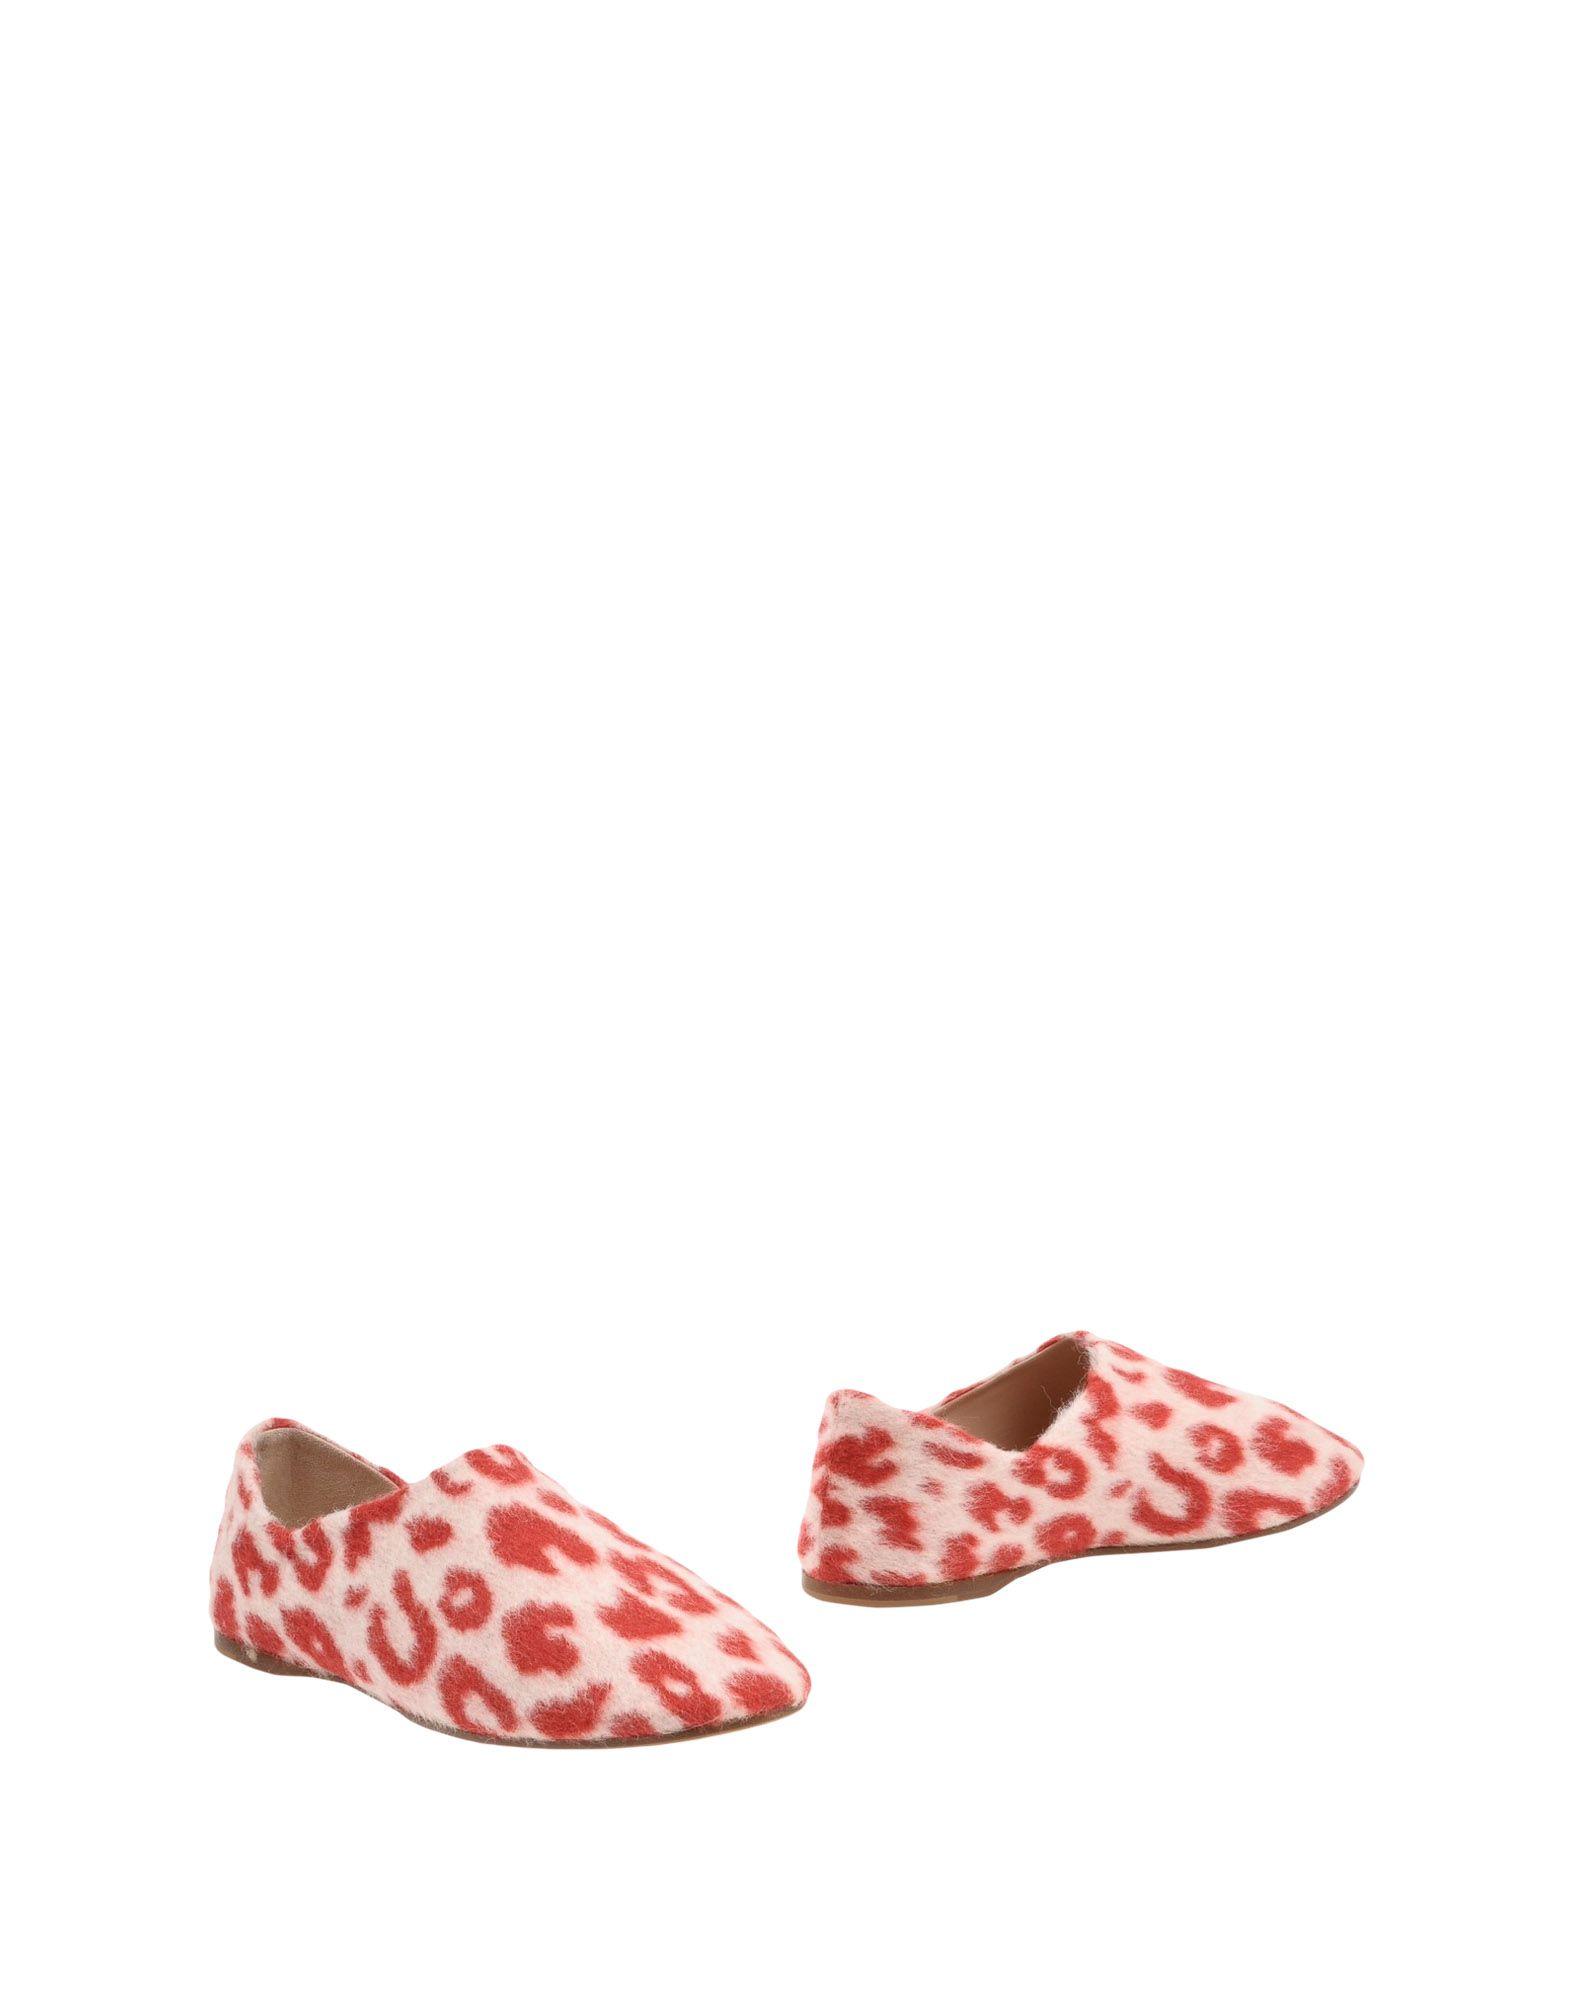 Bottine Acne Studios Femme - Bottines Acne Studios Rouge Nouvelles chaussures pour hommes et femmes, remise limitée dans le temps